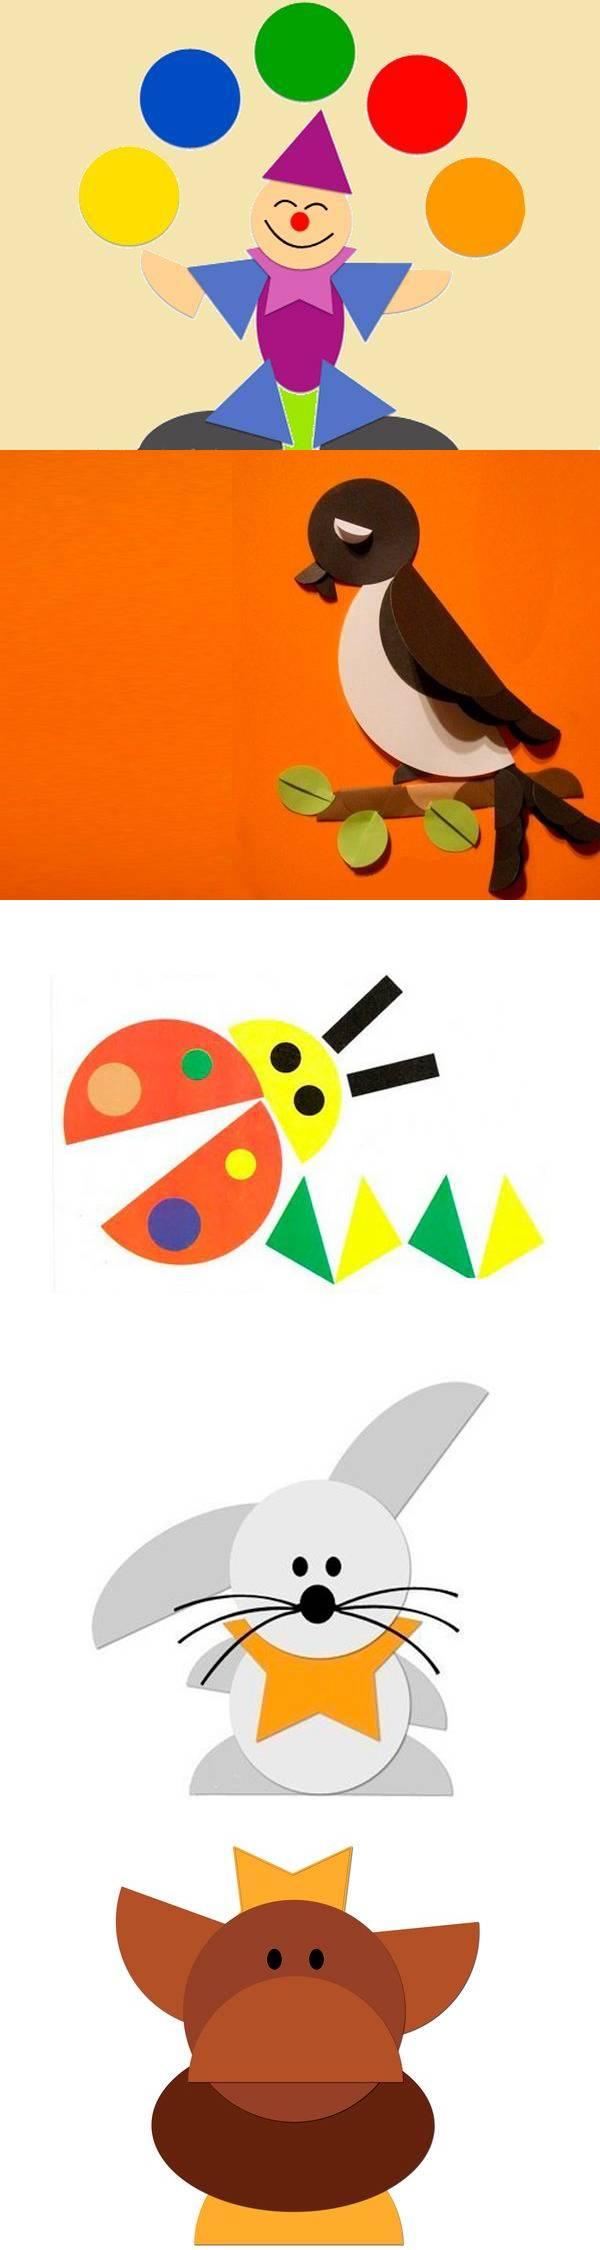 Аппликации из геометрических фигур — 25 идей